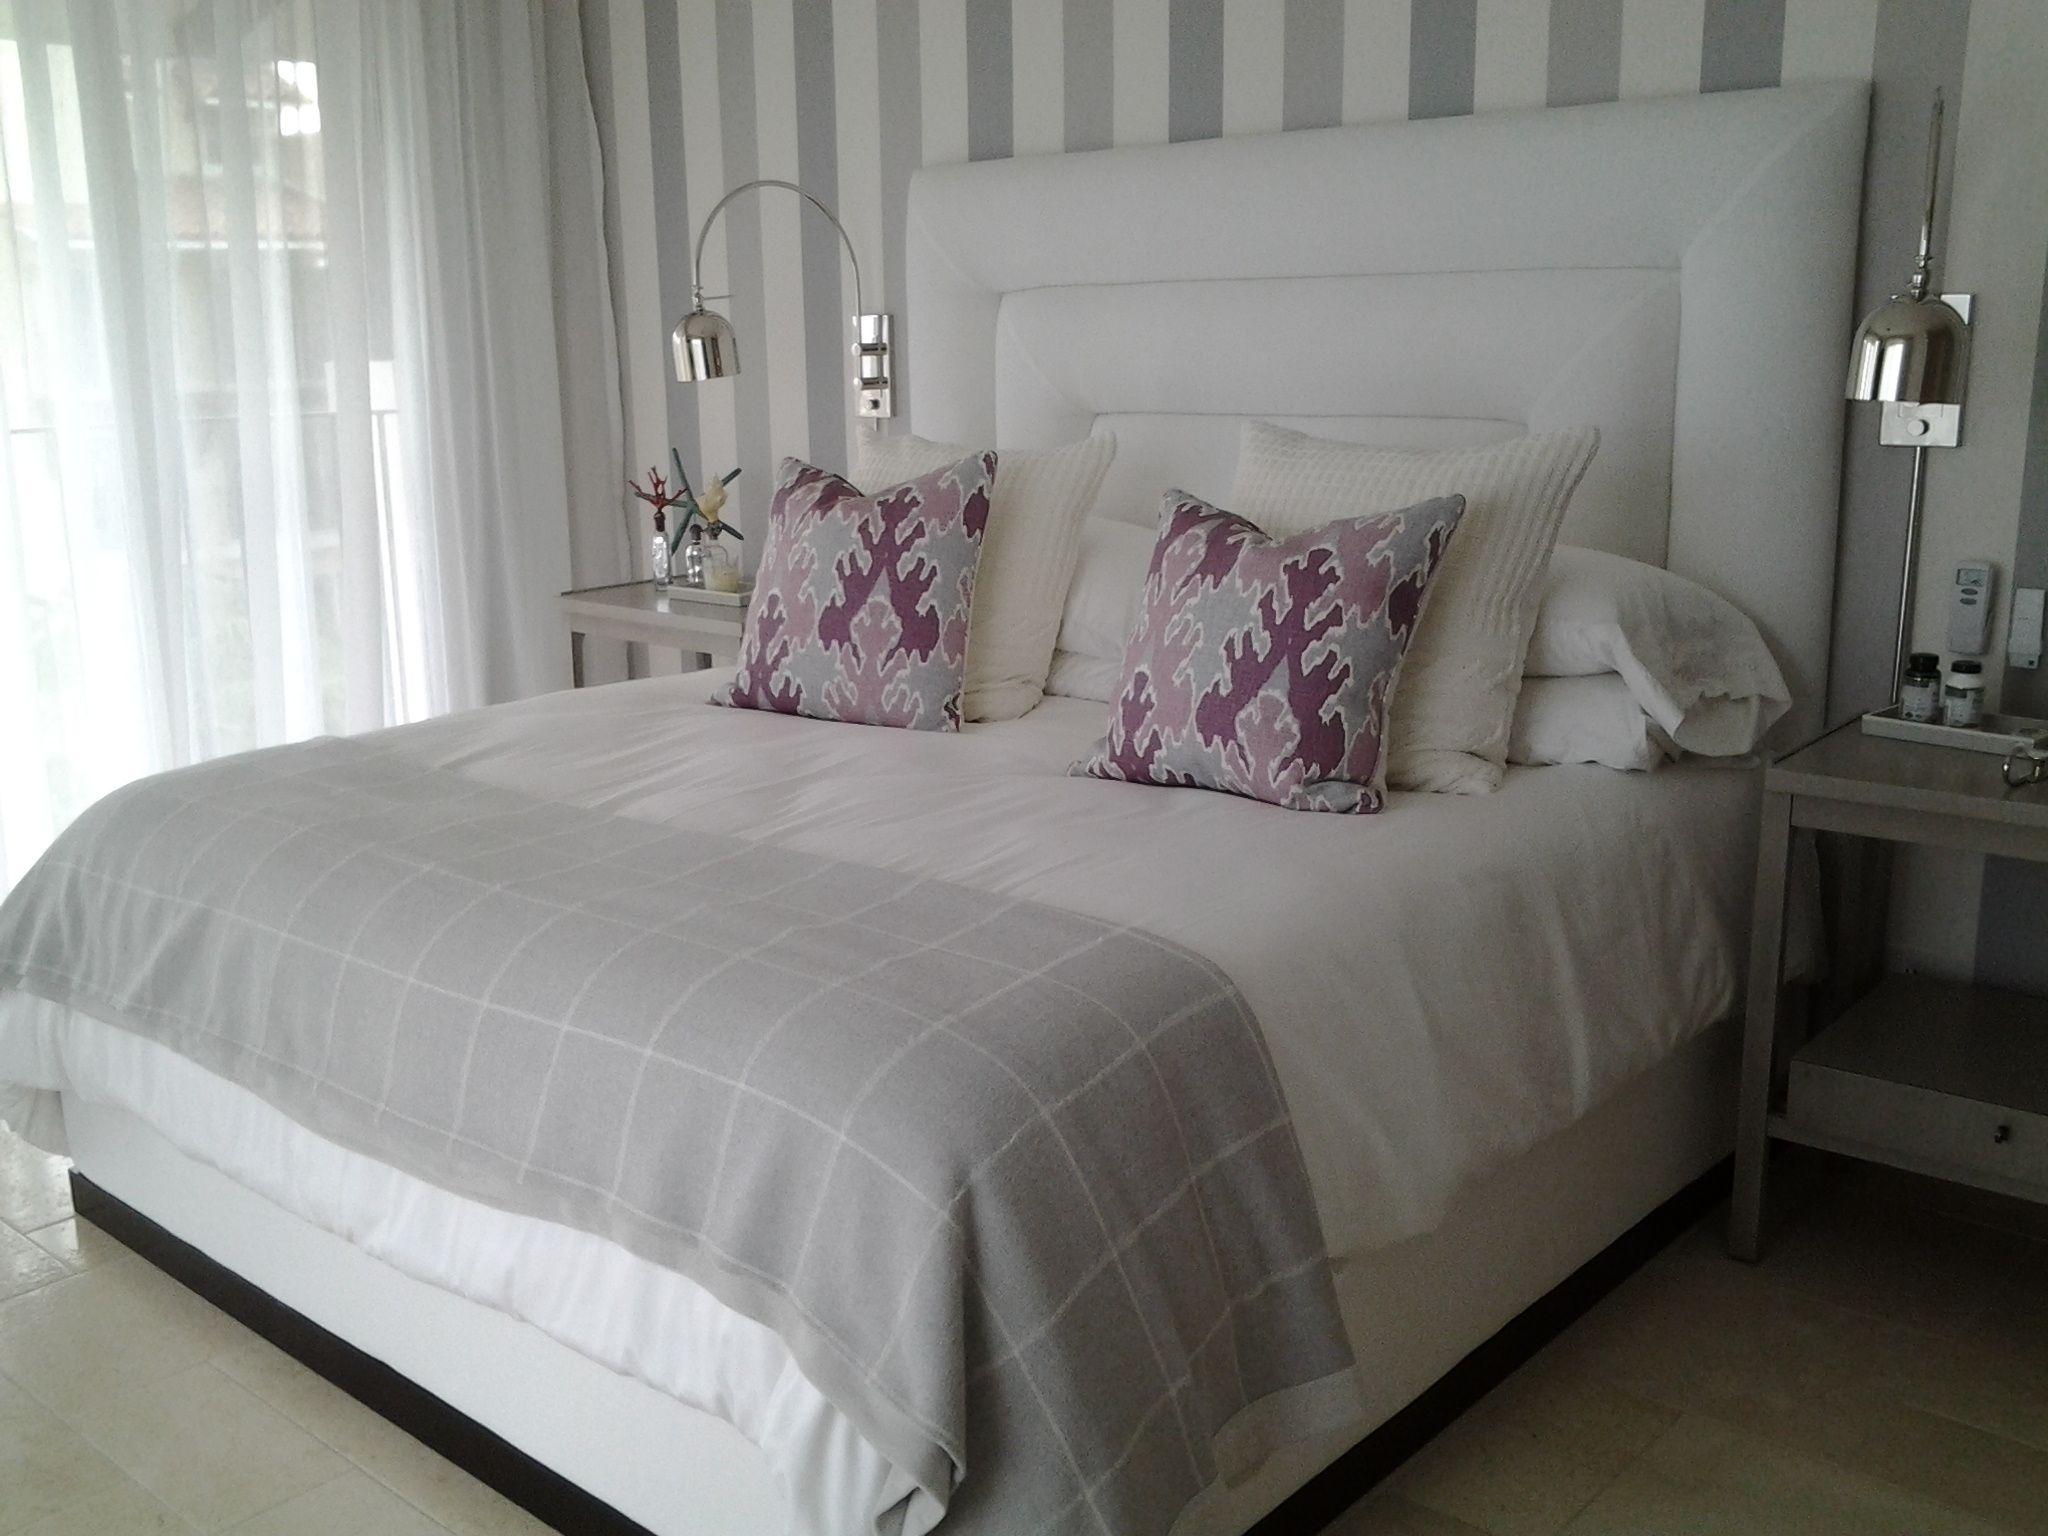 Respaldar confeccionado base de cama muebles tapizados - Fotos de camas bonitas ...